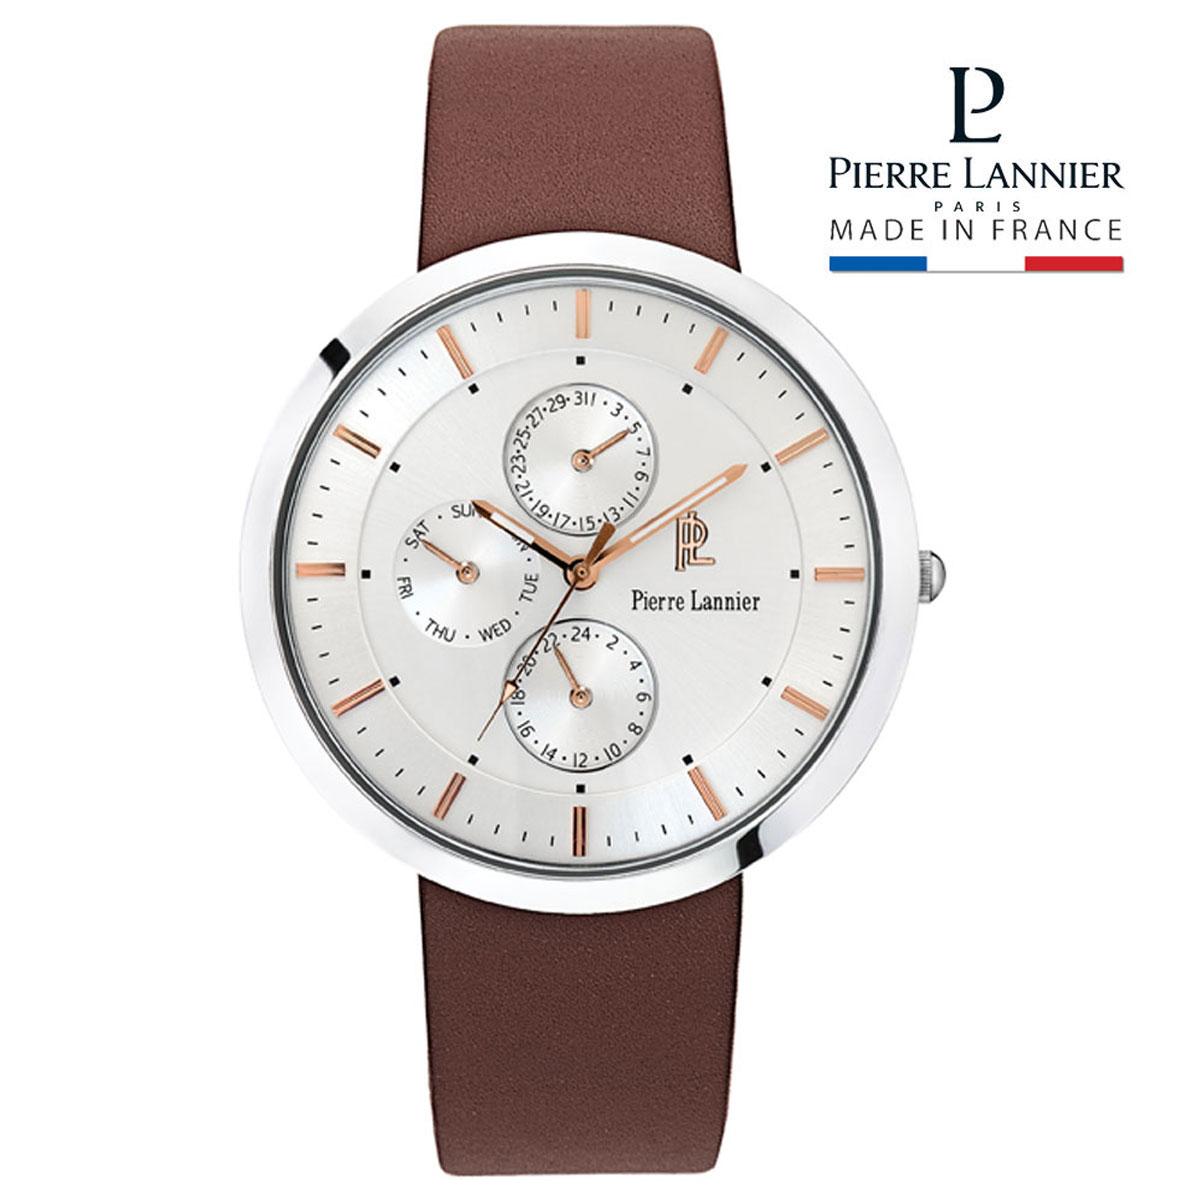 ピエールラニエ レザーウォッチP220Fモデル メンズ腕時計 丸型 マルチファンクション 防水P220F124 誕生日 プレゼント ご褒美 ギフト 記念日